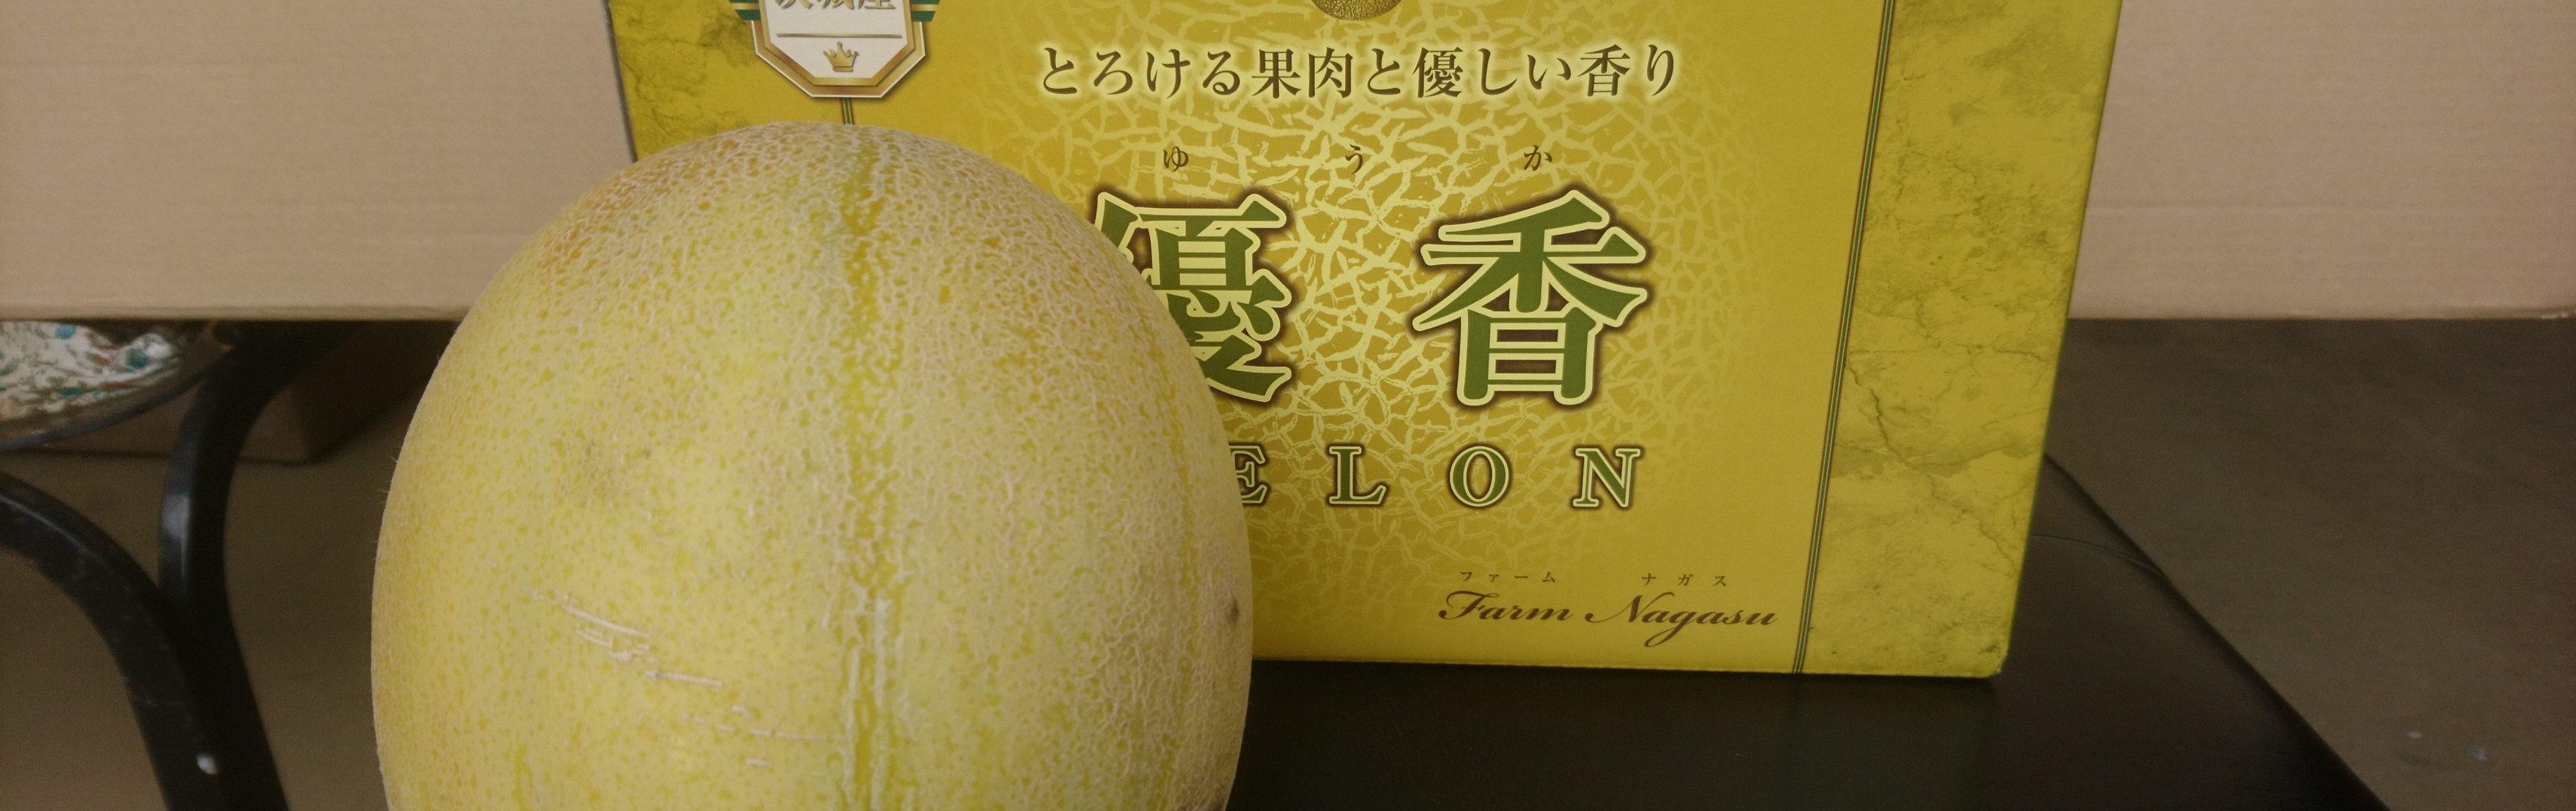 yuhka-melon